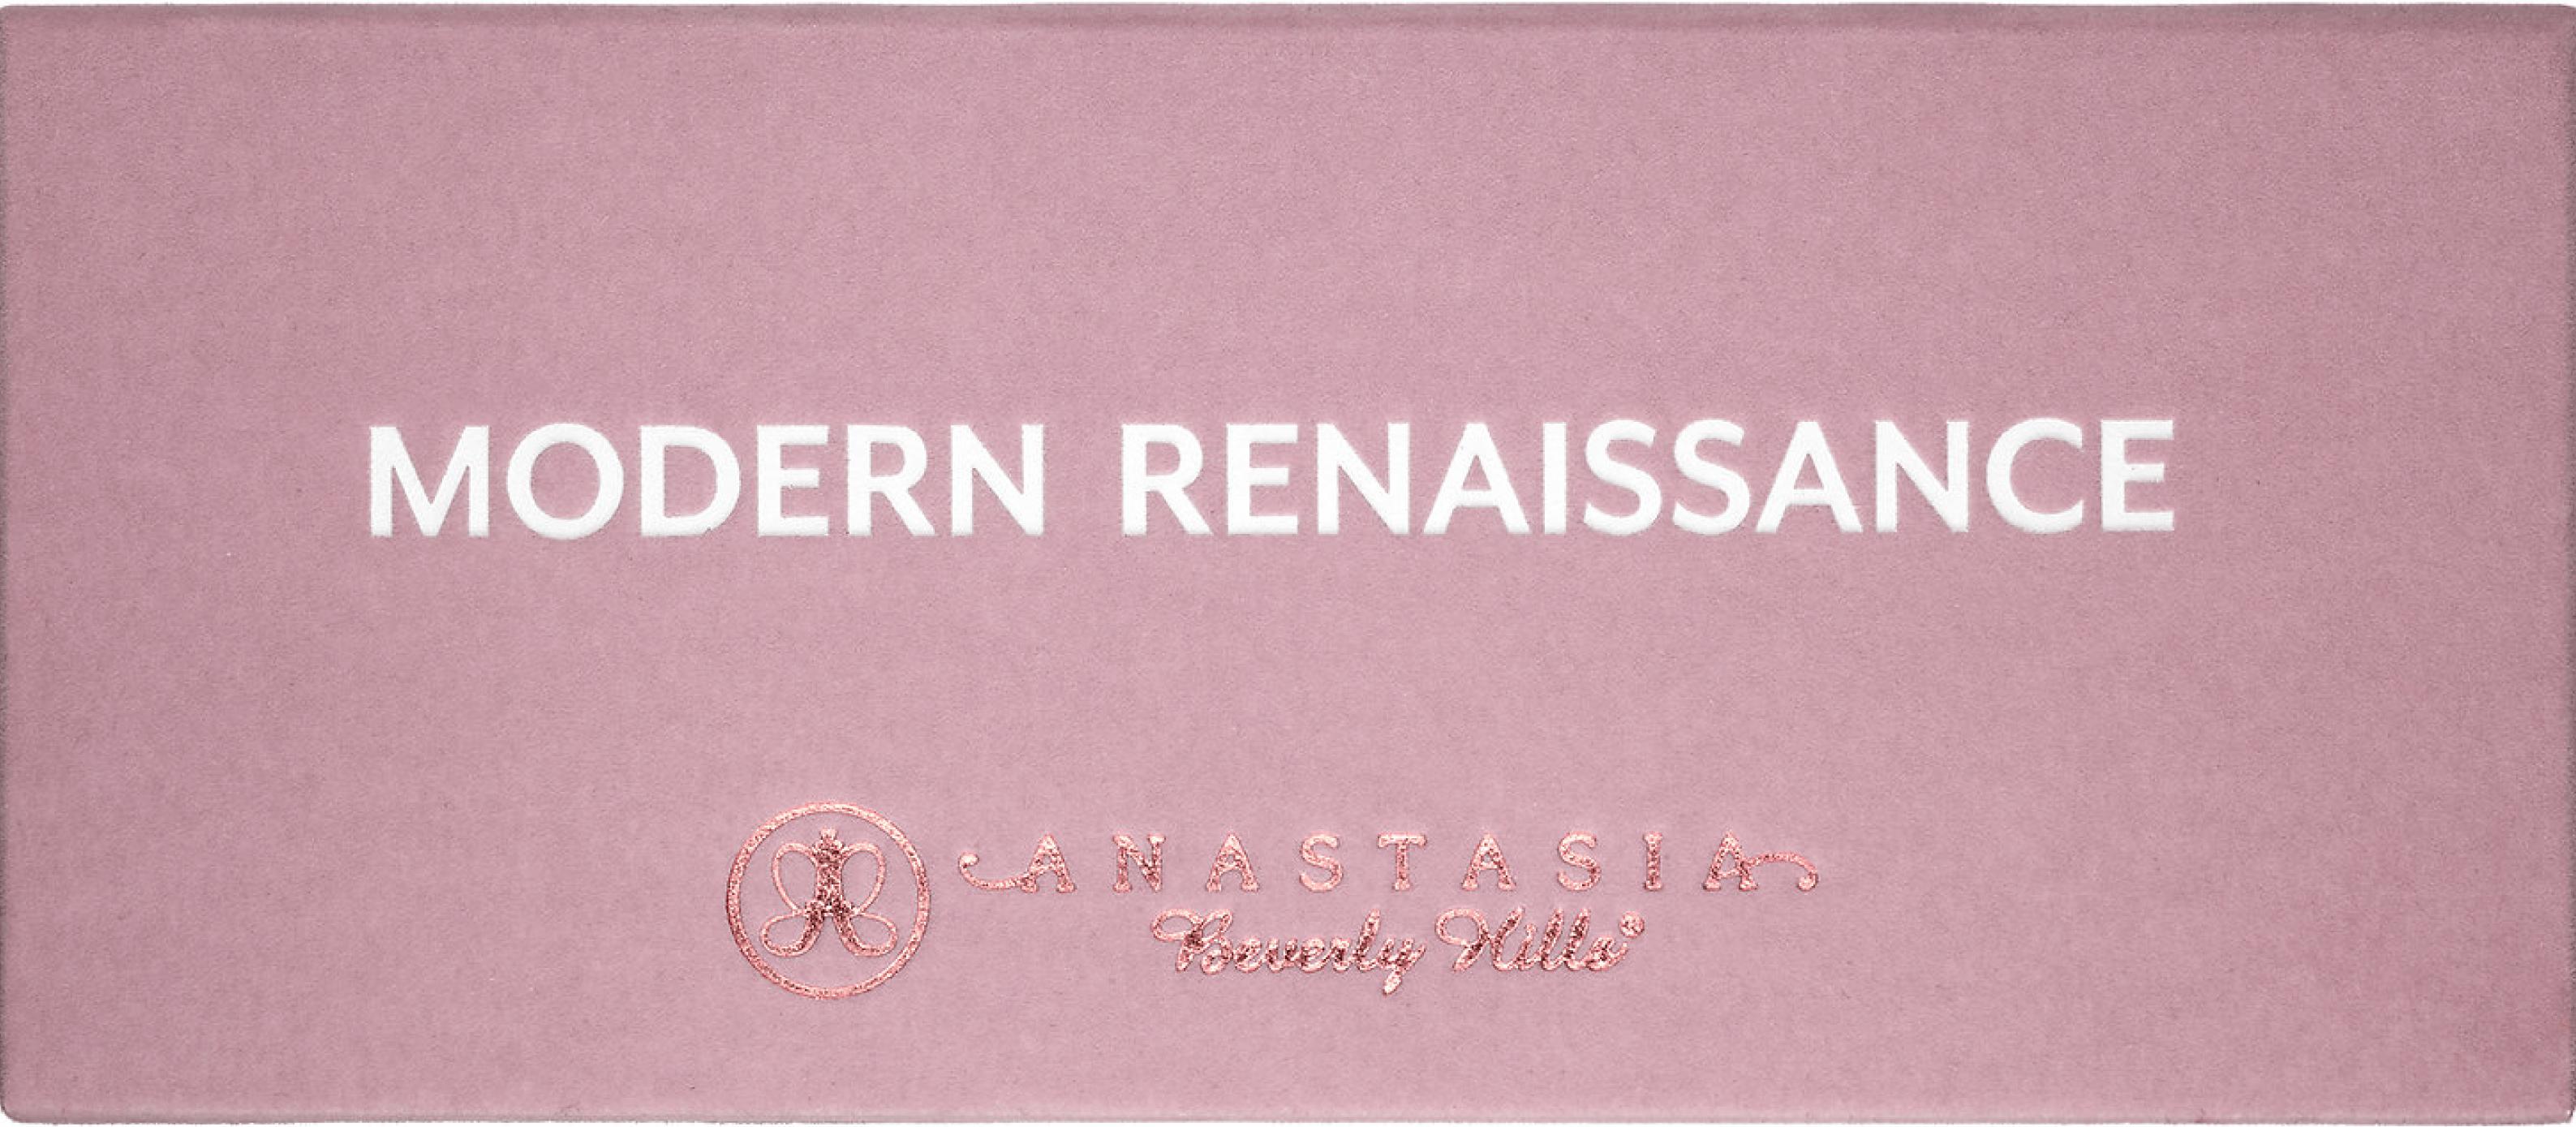 makeupbyazadig- anastasia beverly hills - france - sephora - liquid lipstick - modern renaissance - brow powder - palette